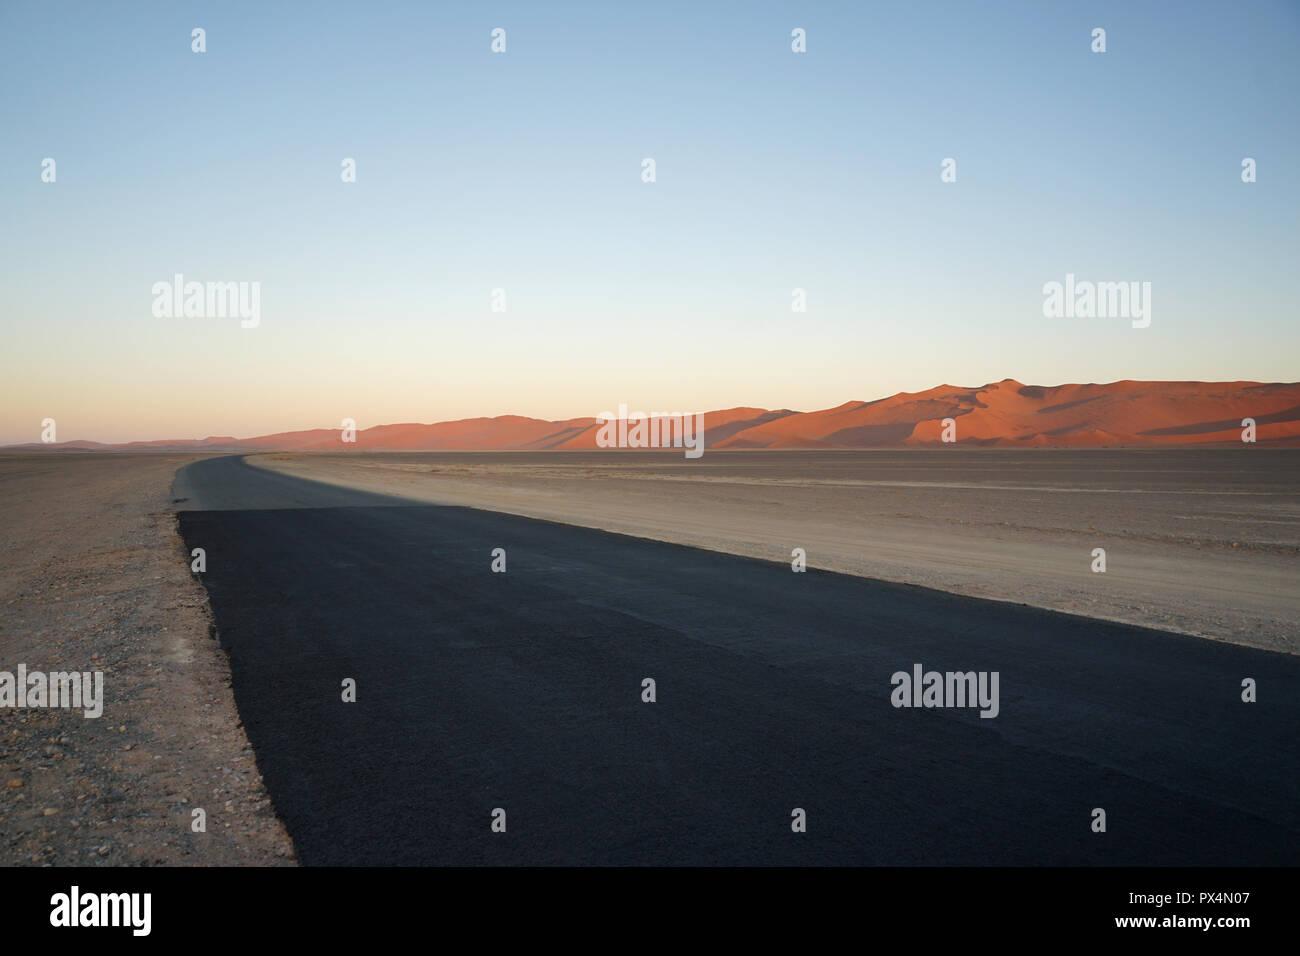 Straße von Sesriem zum Sossusvlei, Morgenstimmung, Namibia, Afrika - Stock Image